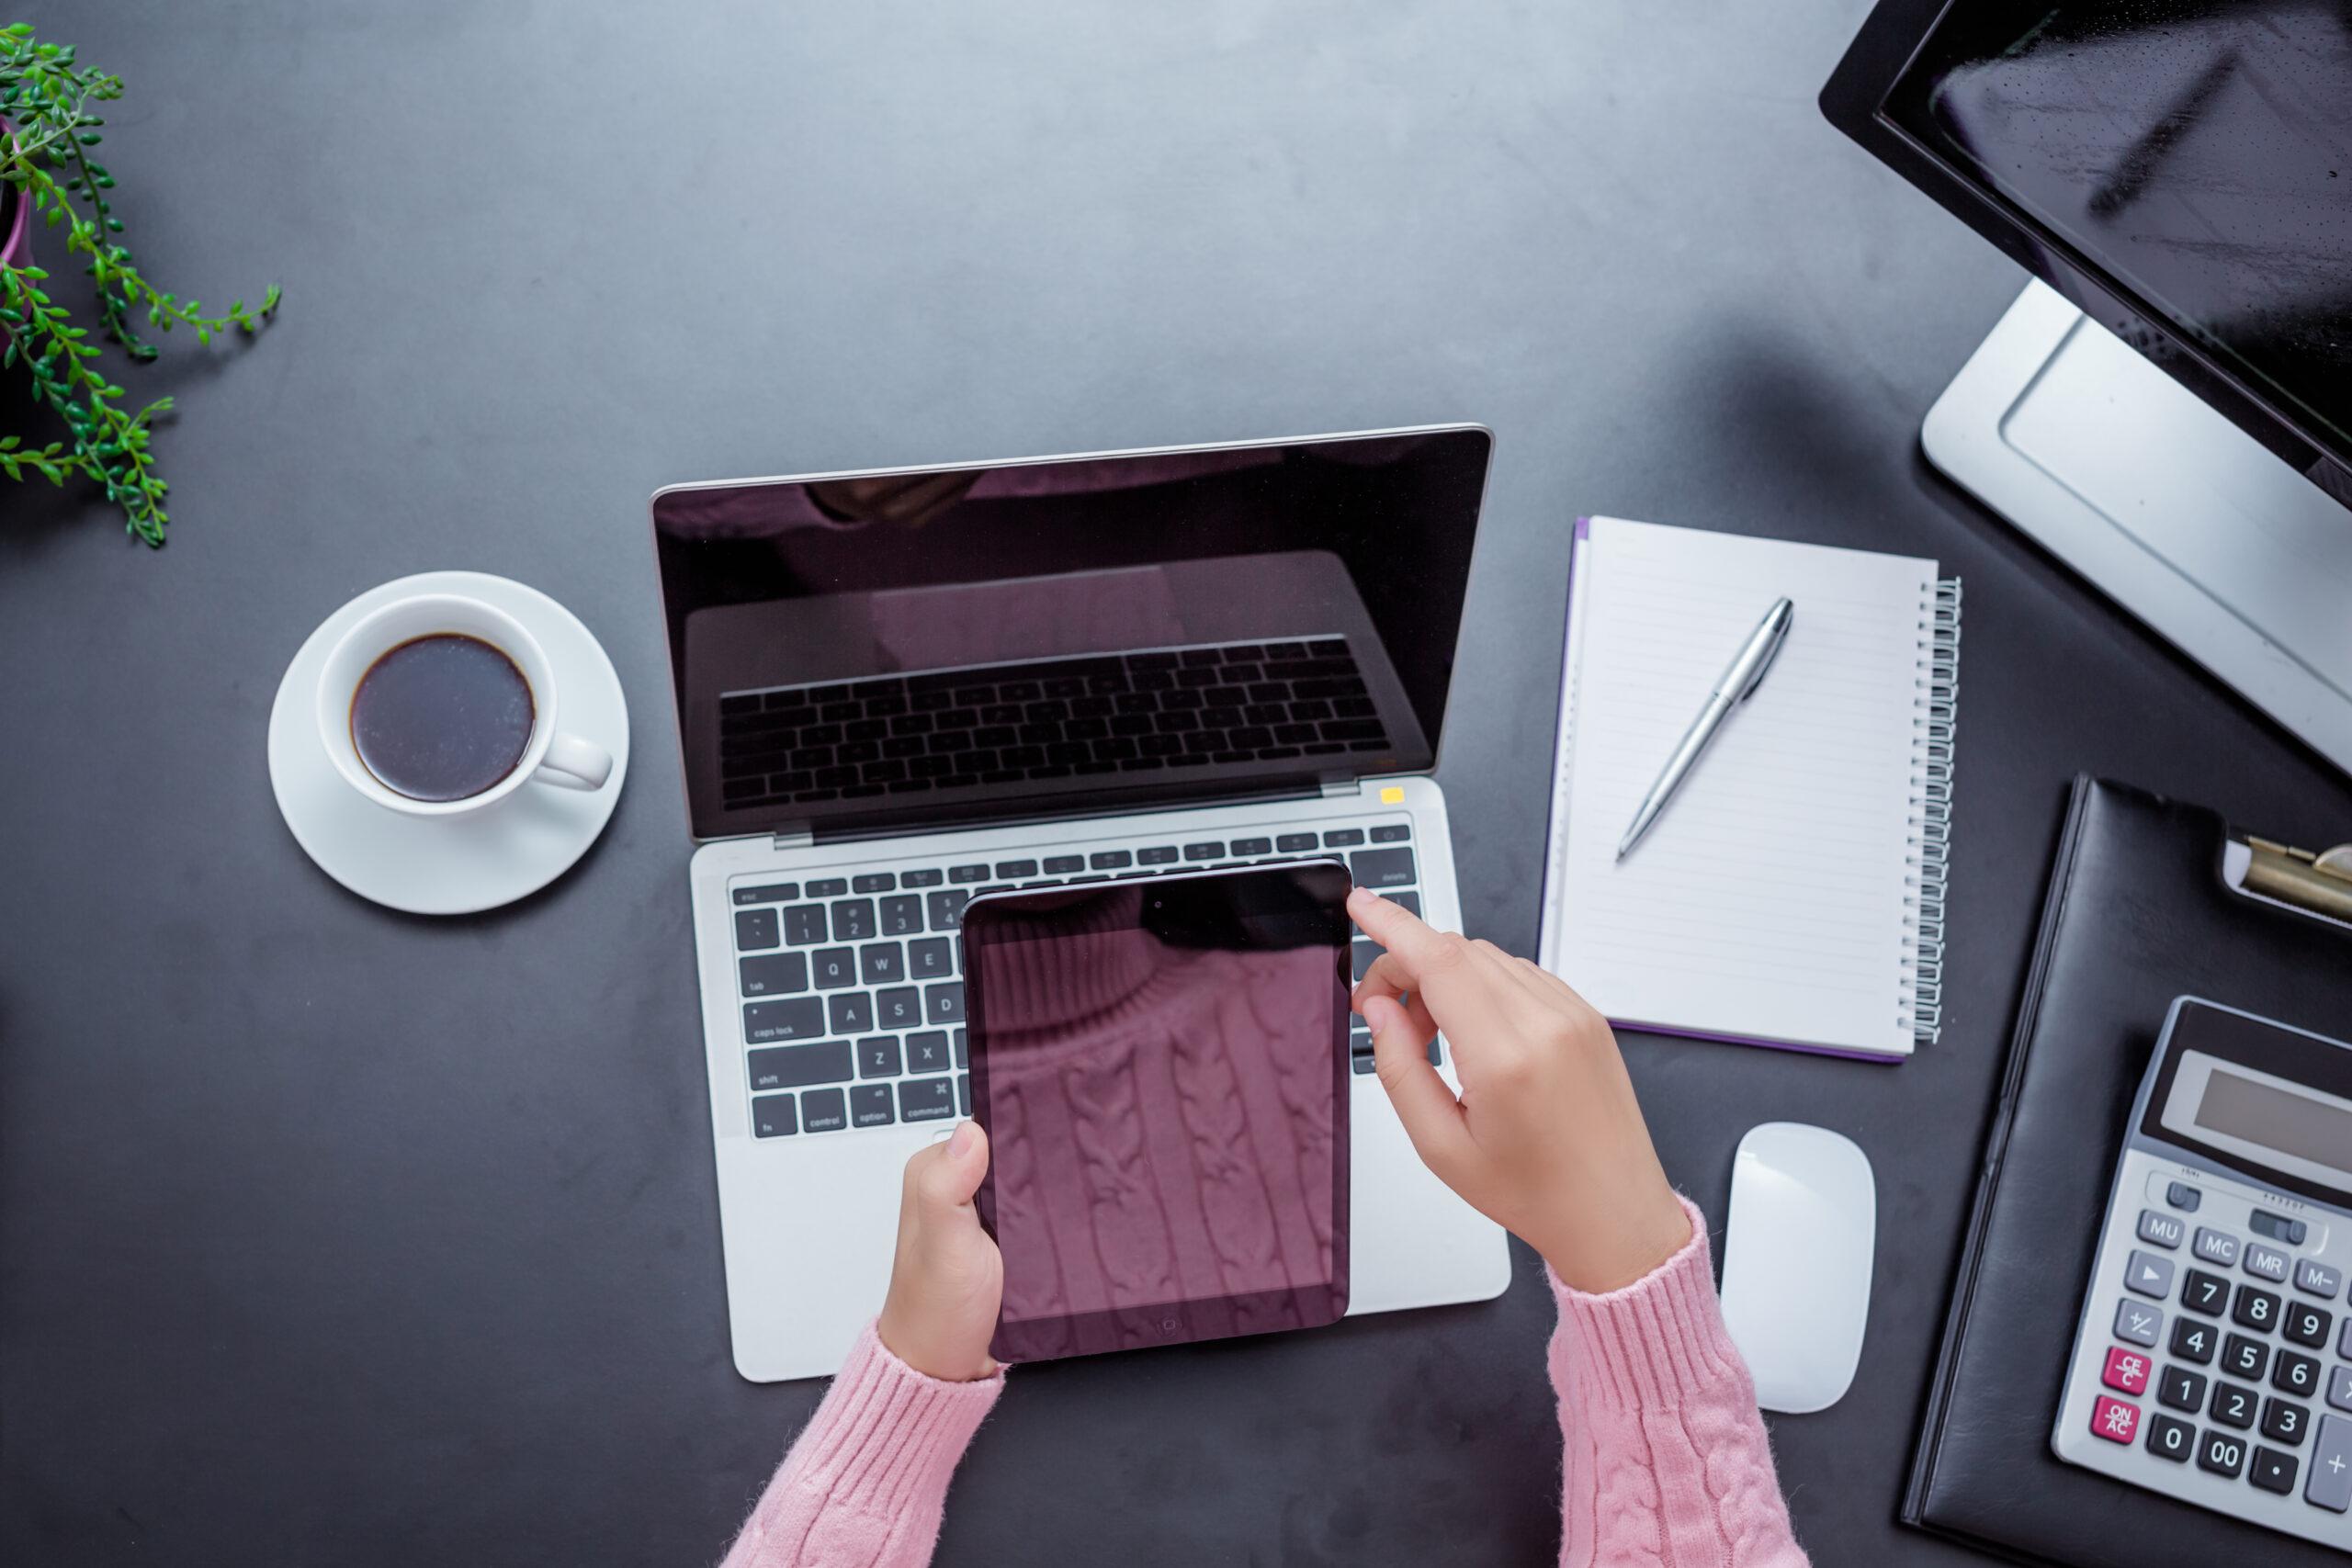 Comienza tus ventas en línea – Negocio online – Market place